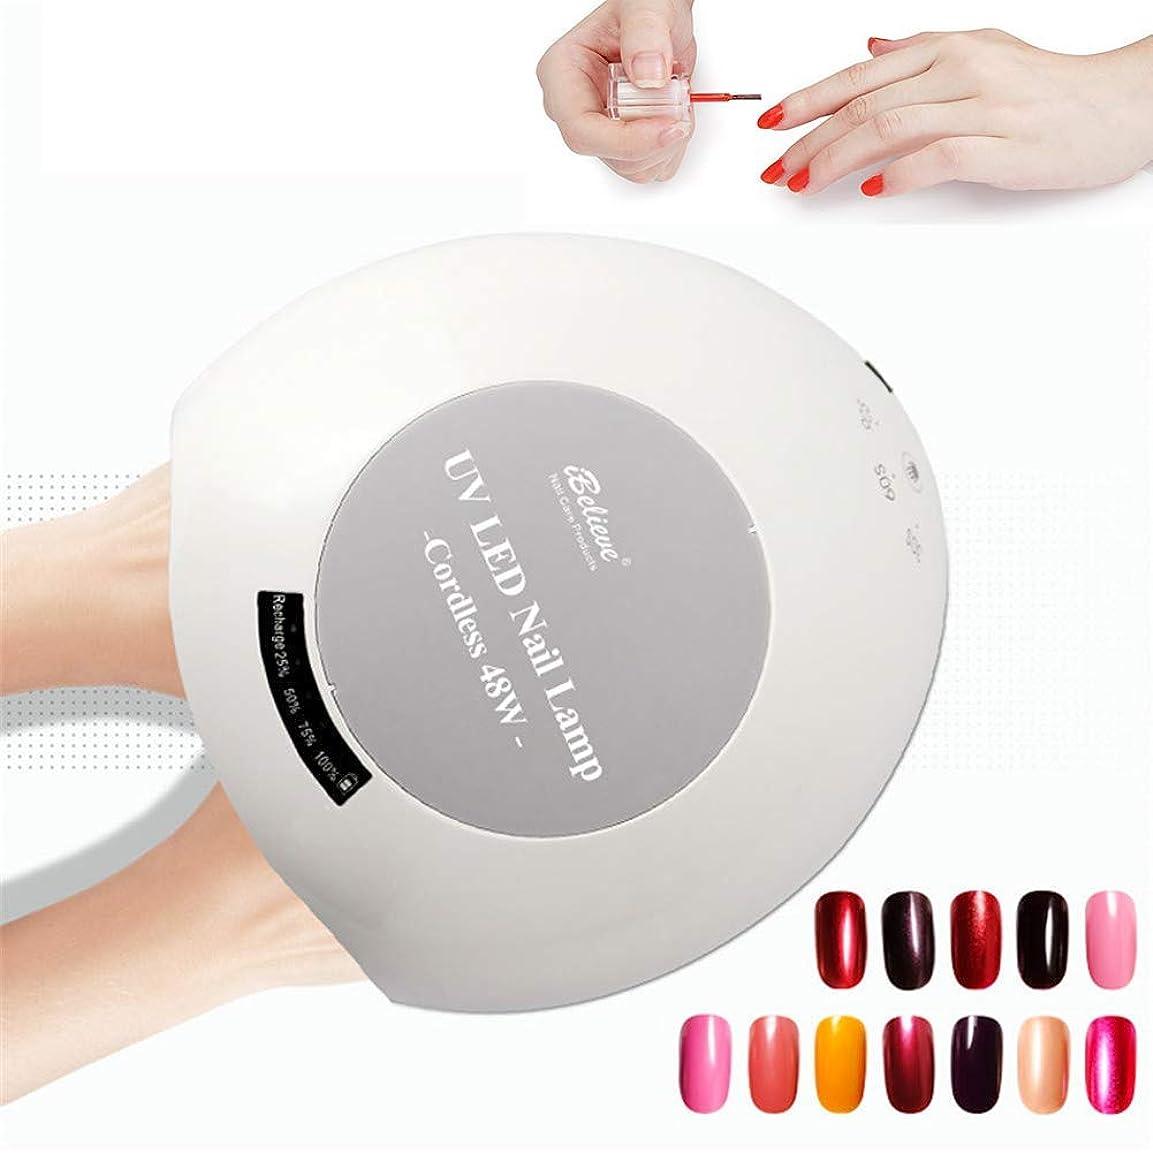 不可能な相対的講義すべてのゲルのための48W UVランプLEDネイルランプネイルドライヤー赤外線検知付き30/60/90秒タイマースマートタッチボタン